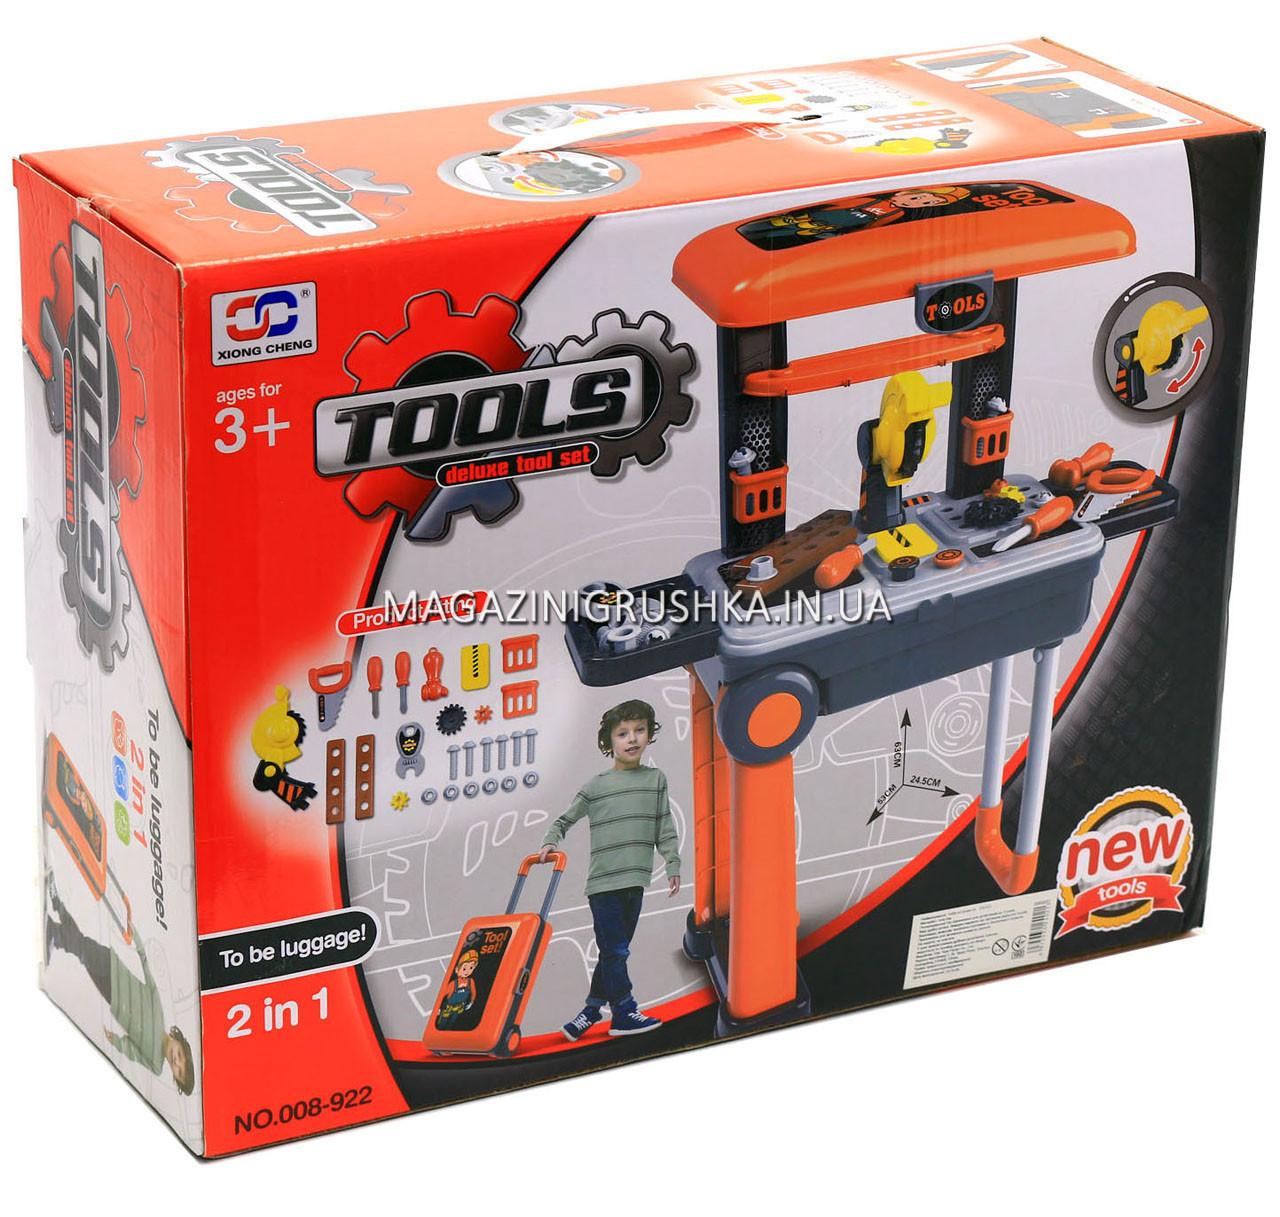 Детский набор строительных инструментов в чемодане 008-922 Bath Toys